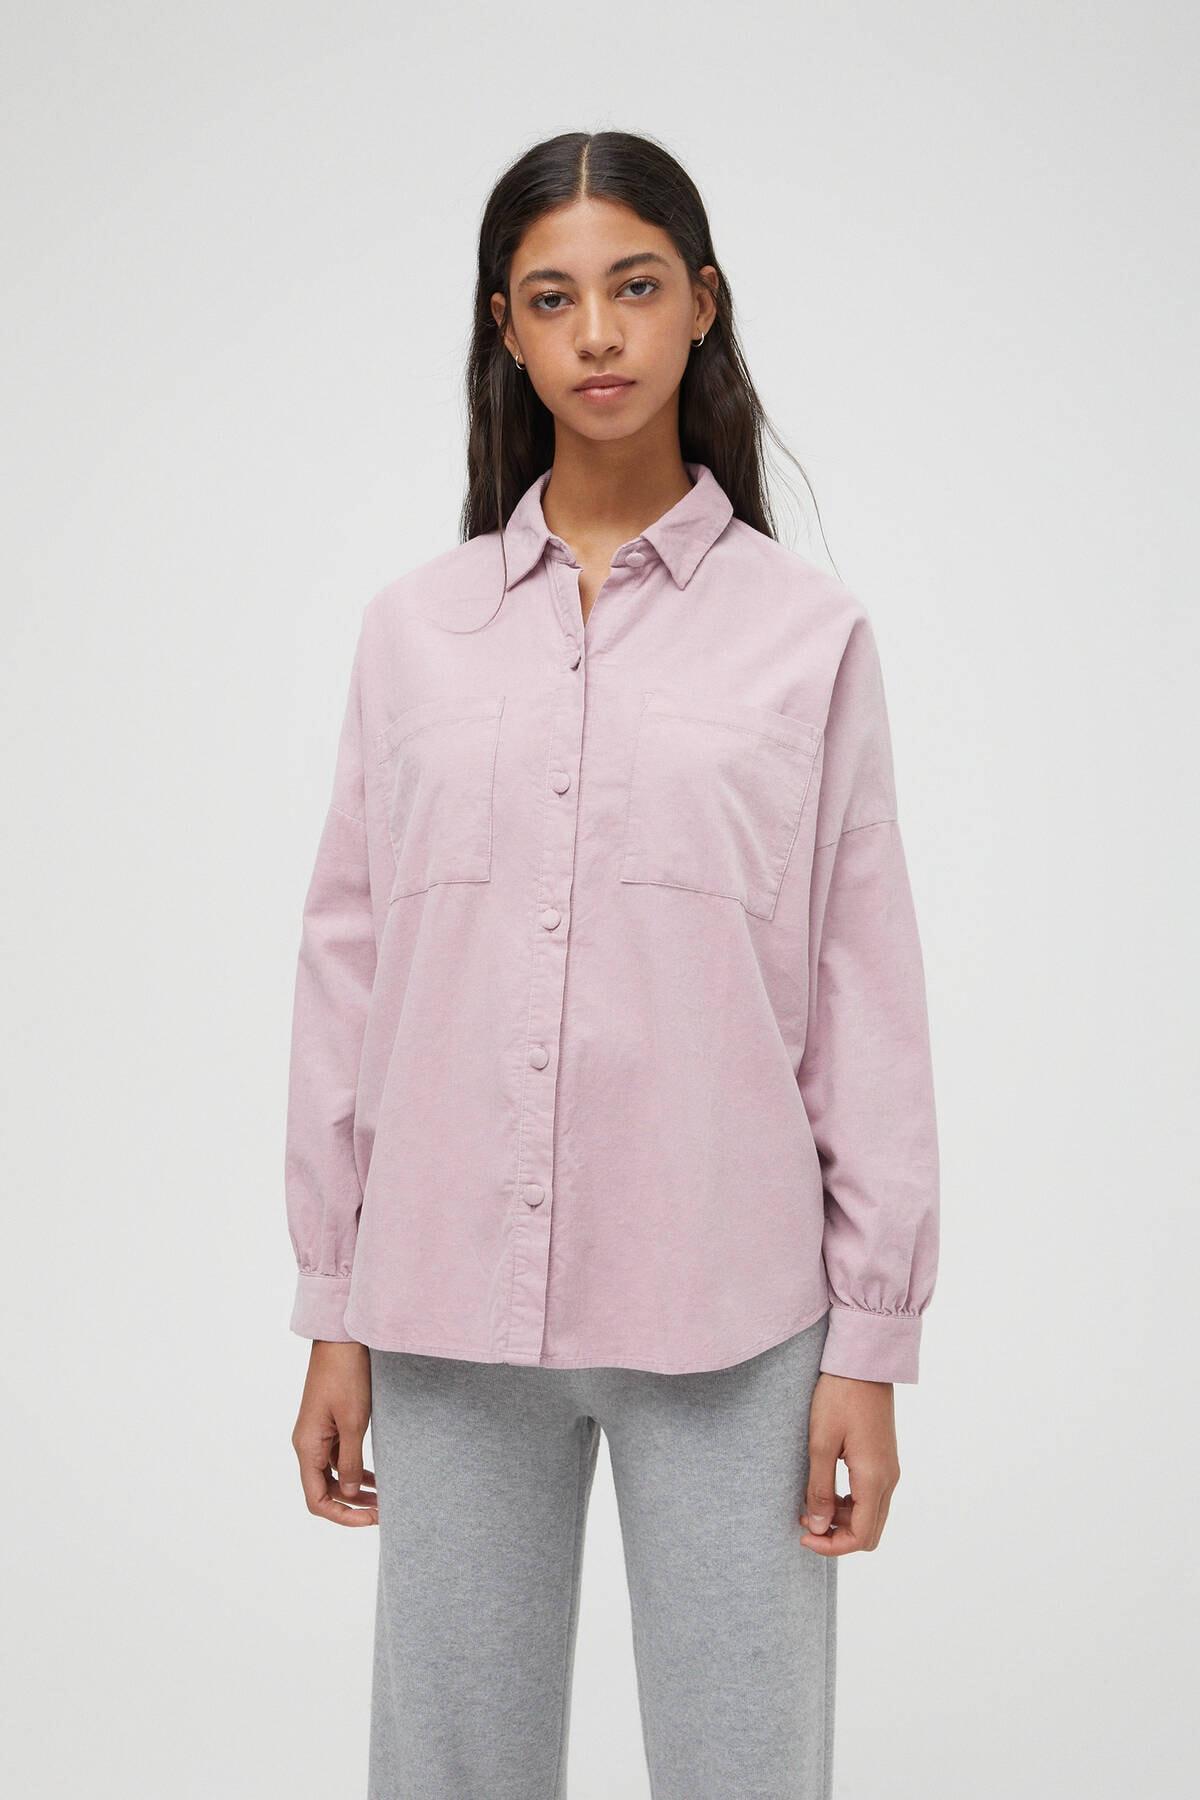 Pull & Bear Kadın Lila Ince Fitilli Kadife Oversize Gömlek 1